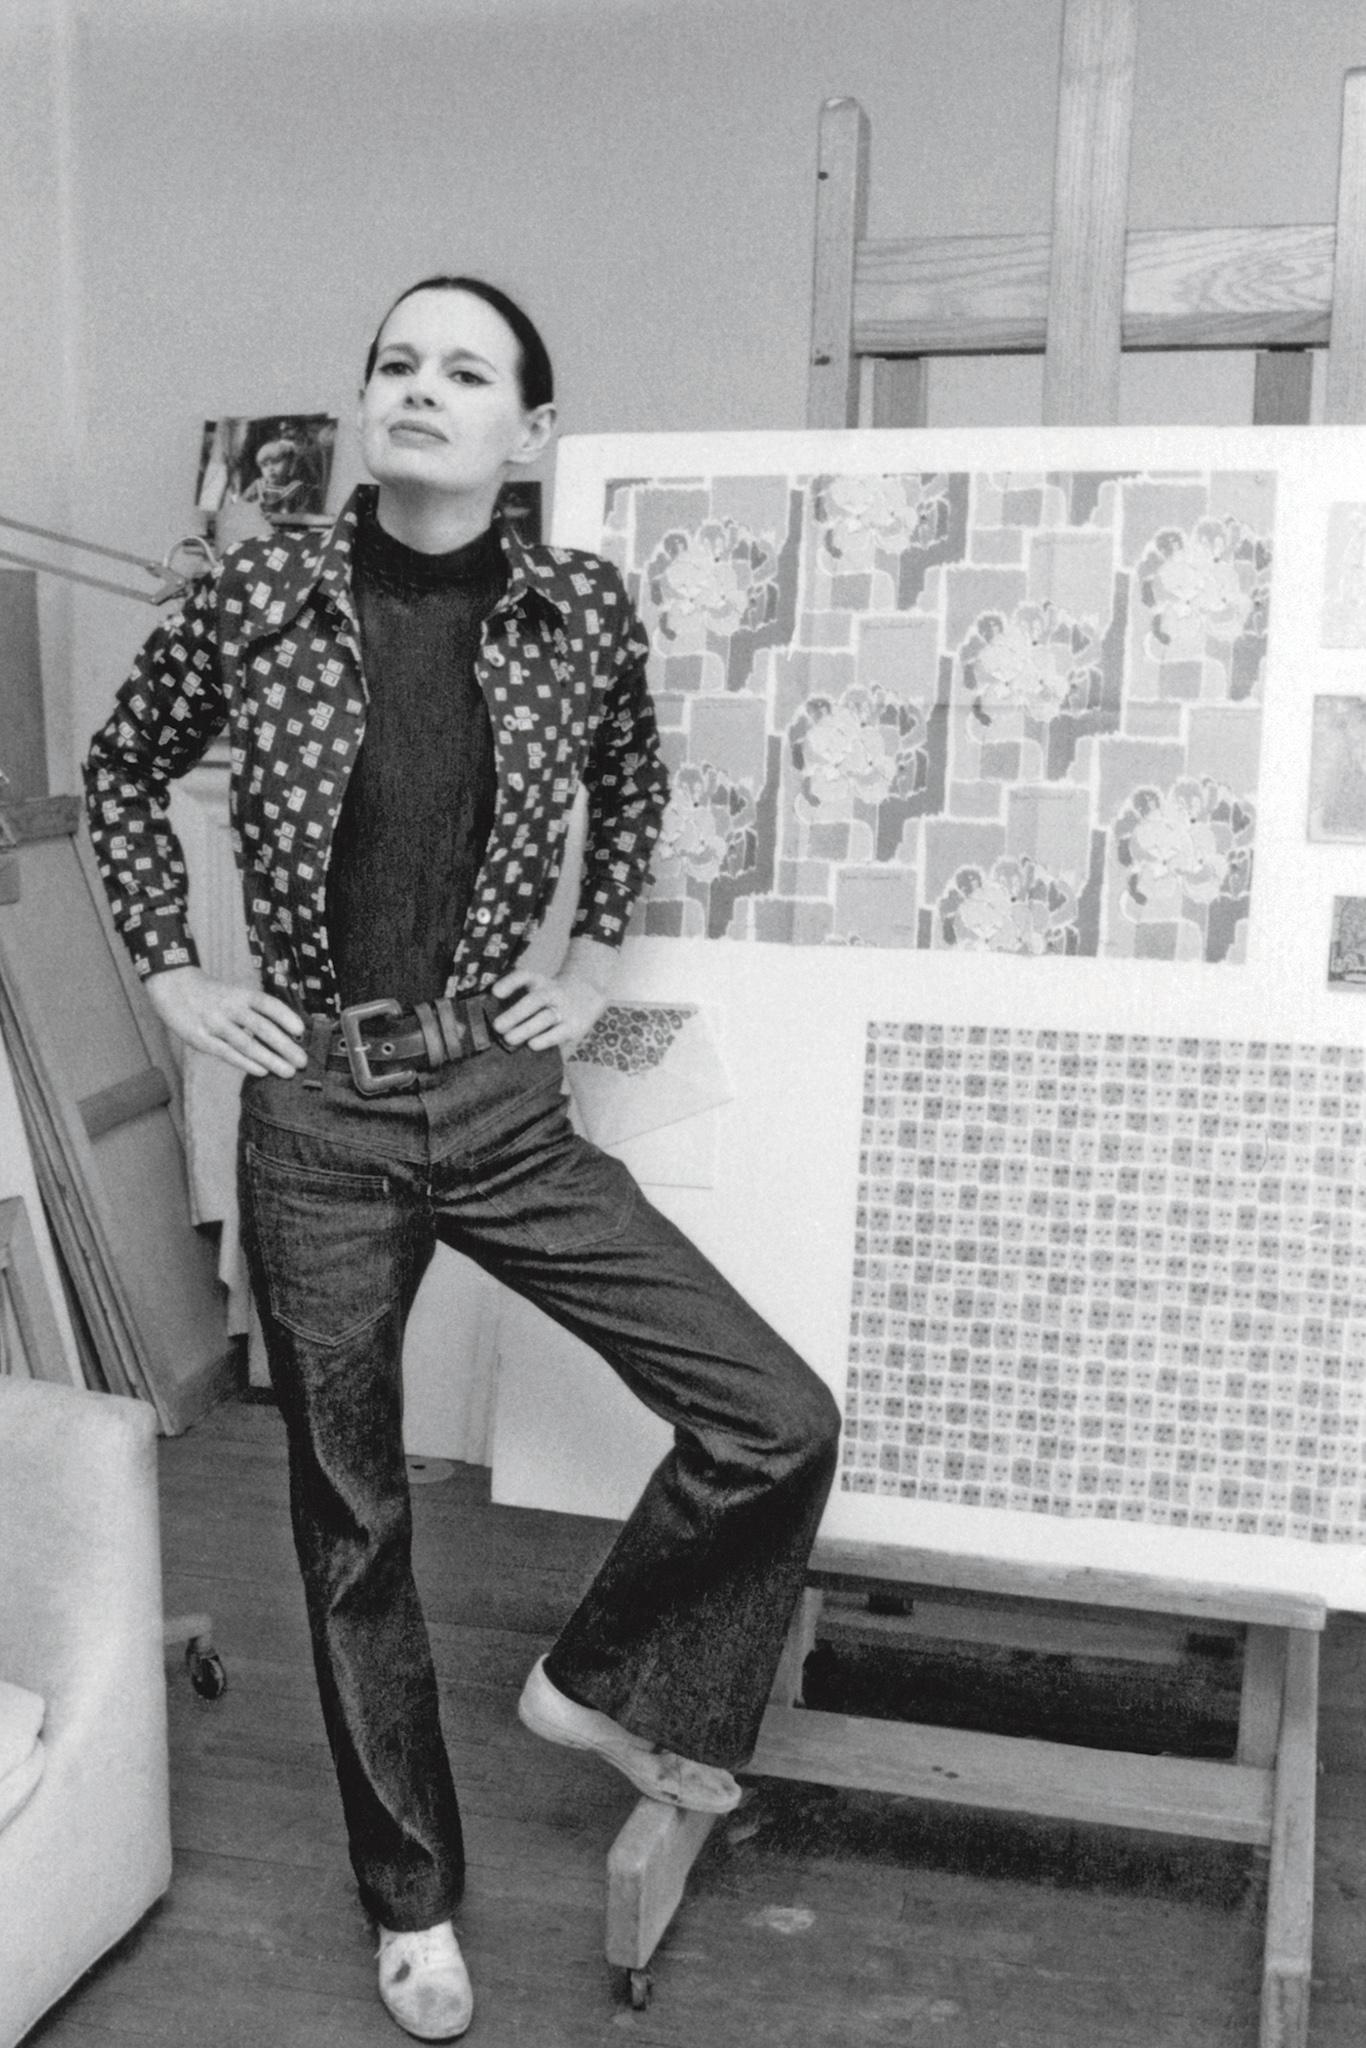 Gloria Vanderbilt in her art studio in 1972.